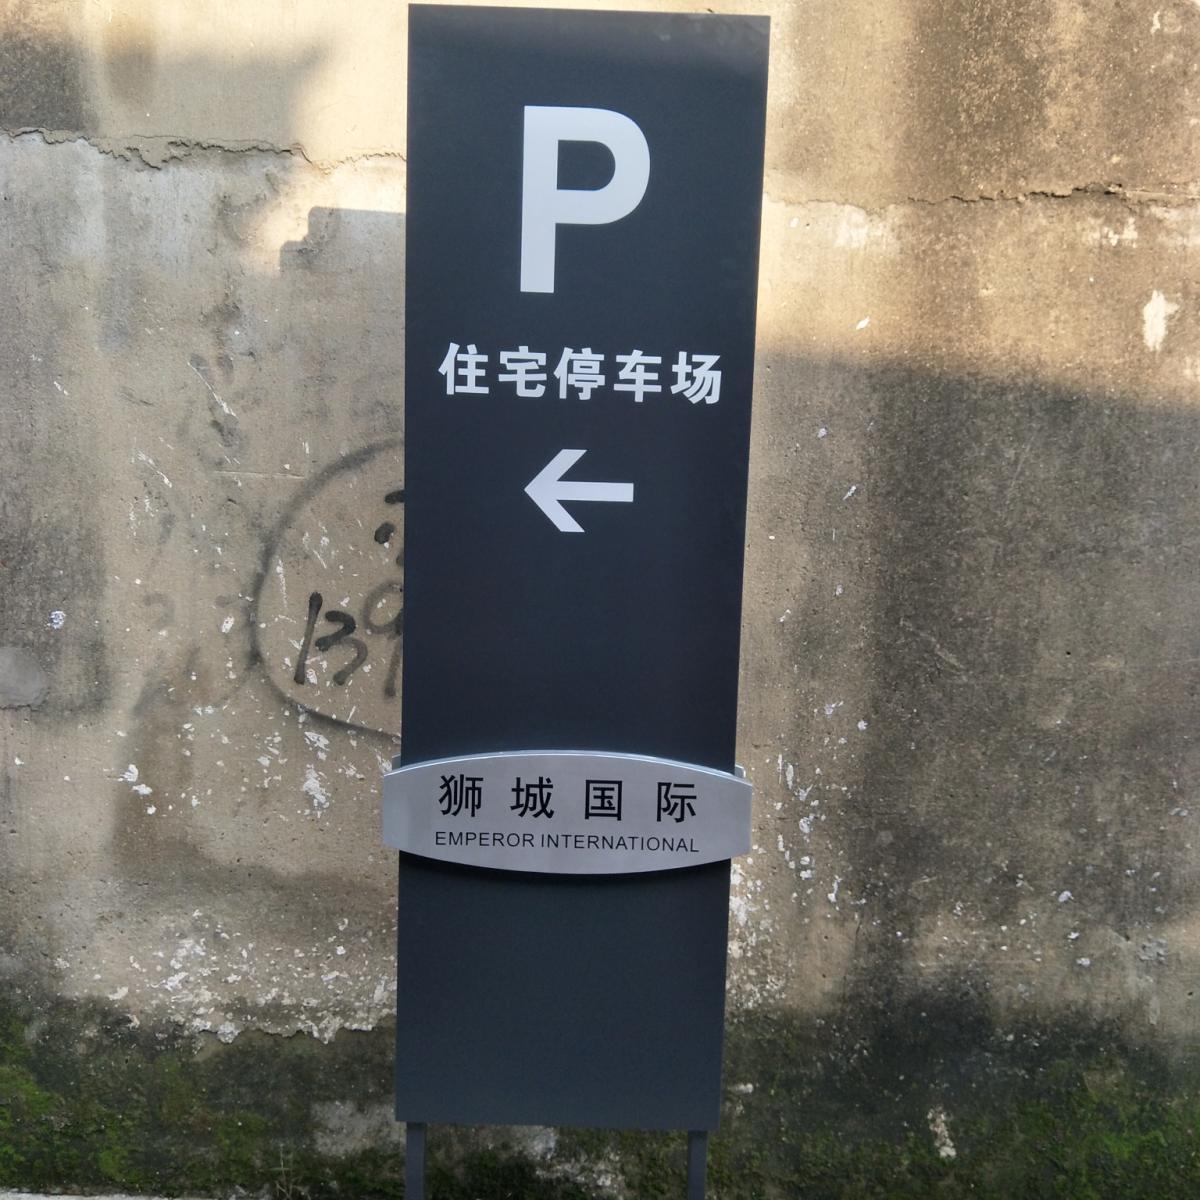 户外导向牌宣传栏公告栏商场小区草坪公园景区停车场立牌指示牌